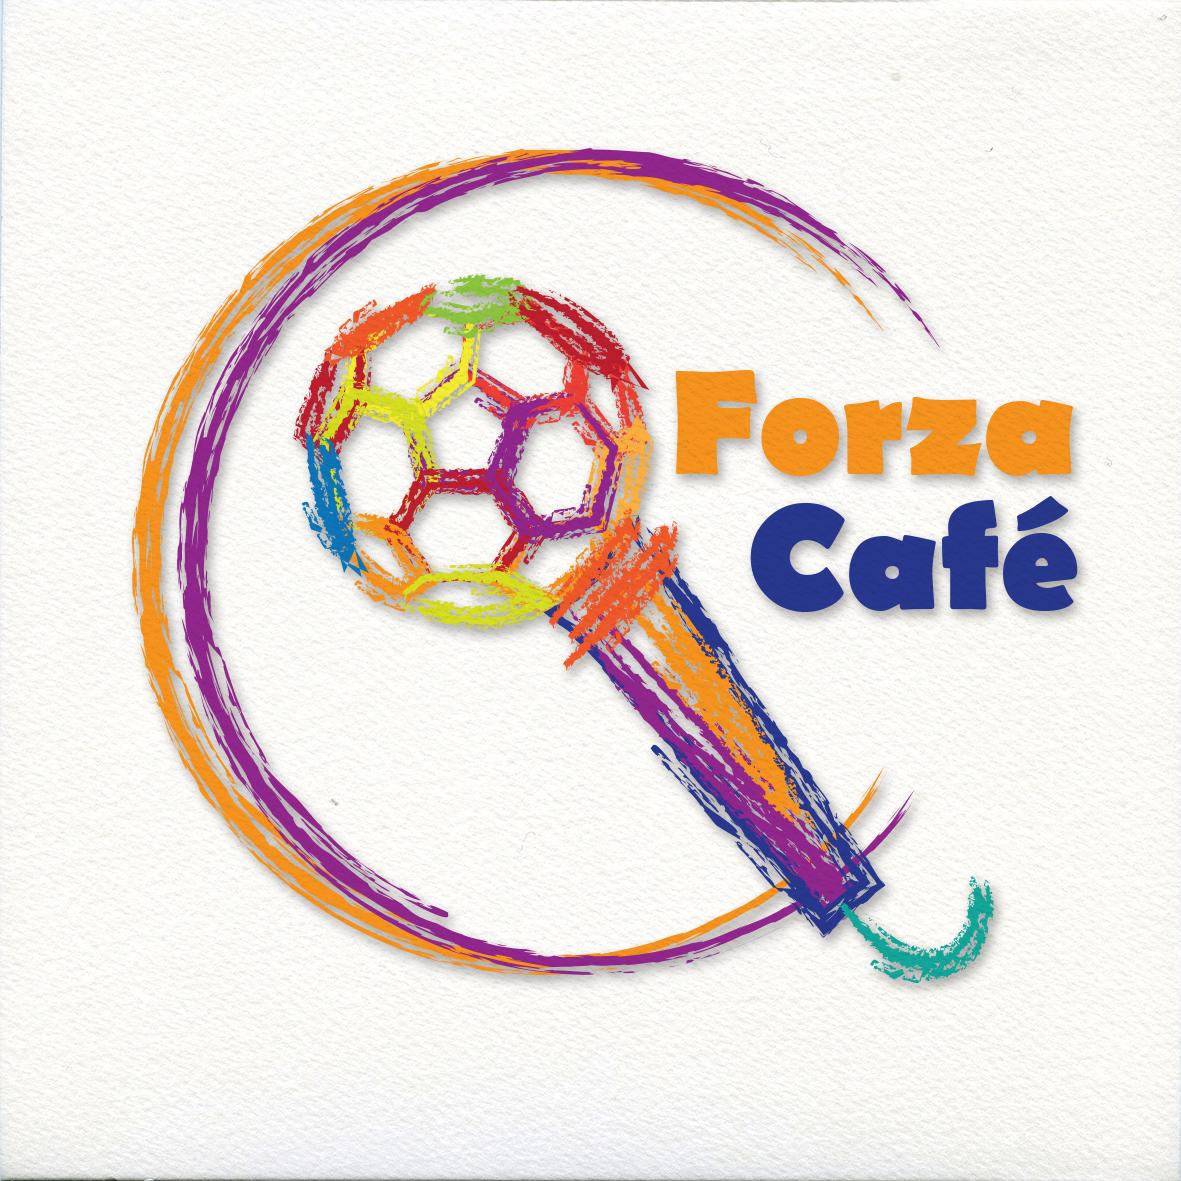 forza cafe logo